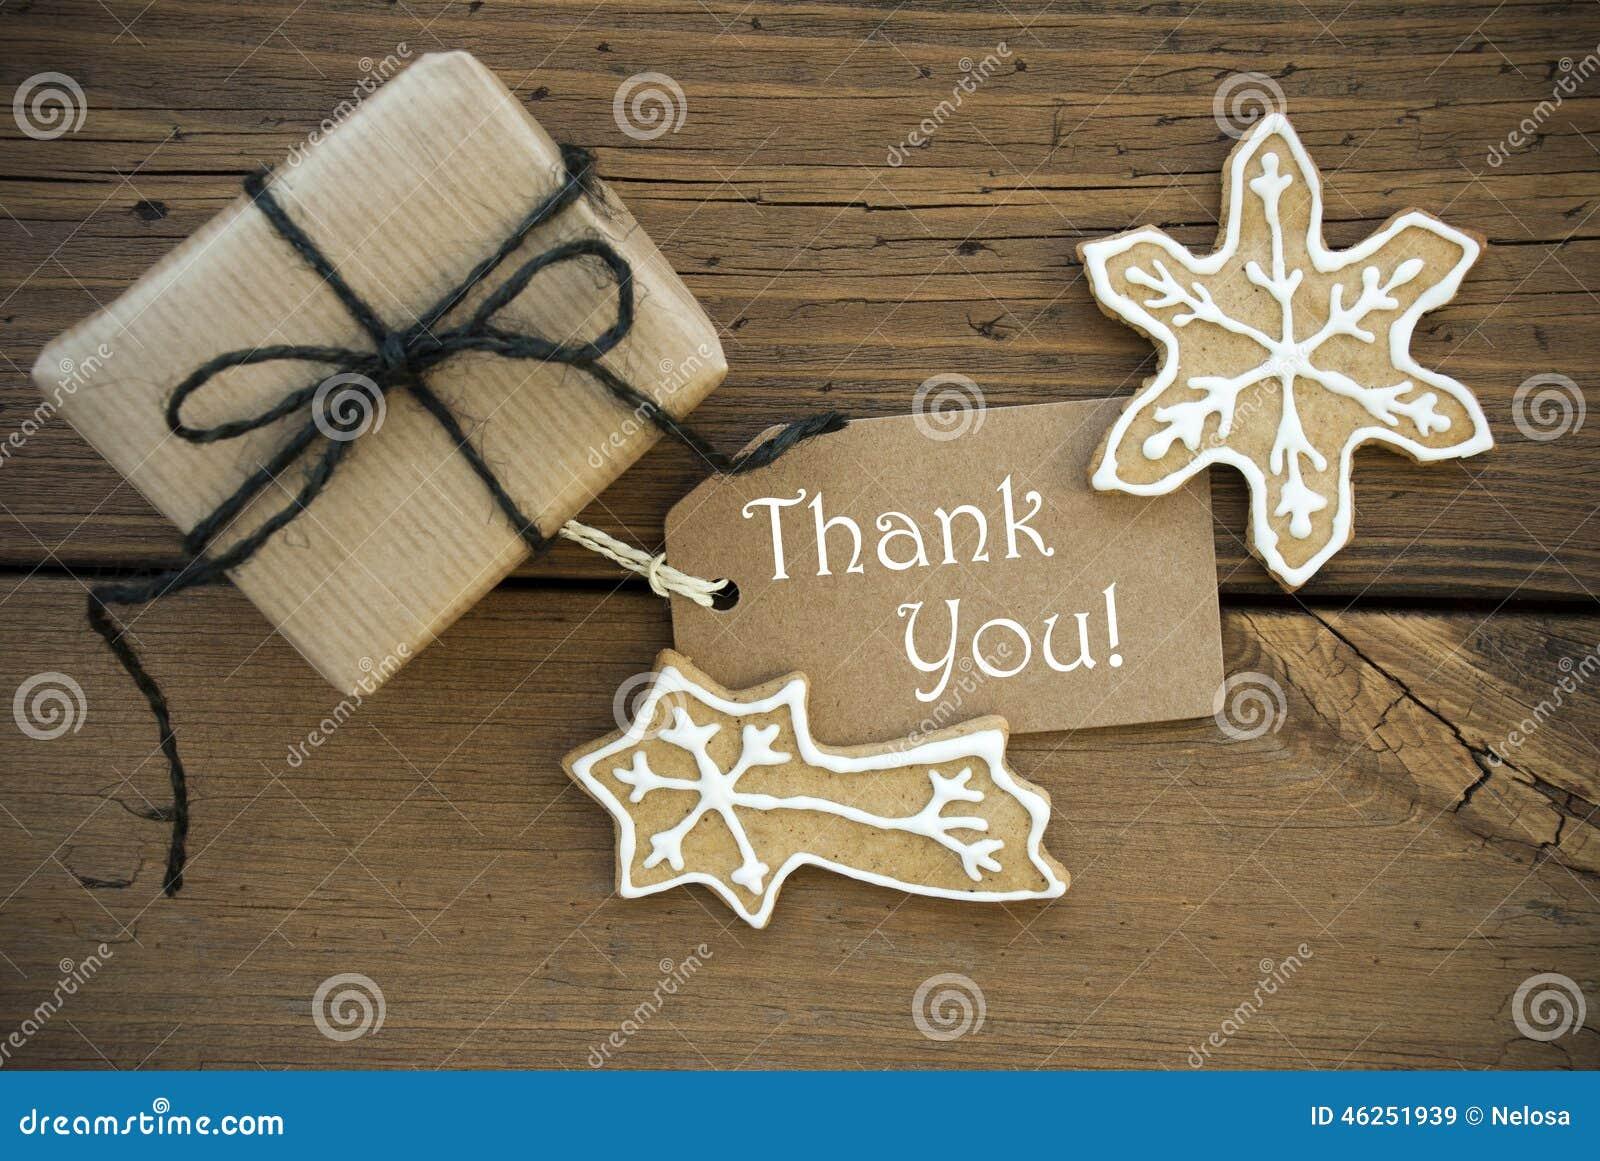 Weihnachten Danken Ihnen Fahne Stockbild - Bild von dankbarkeit ...